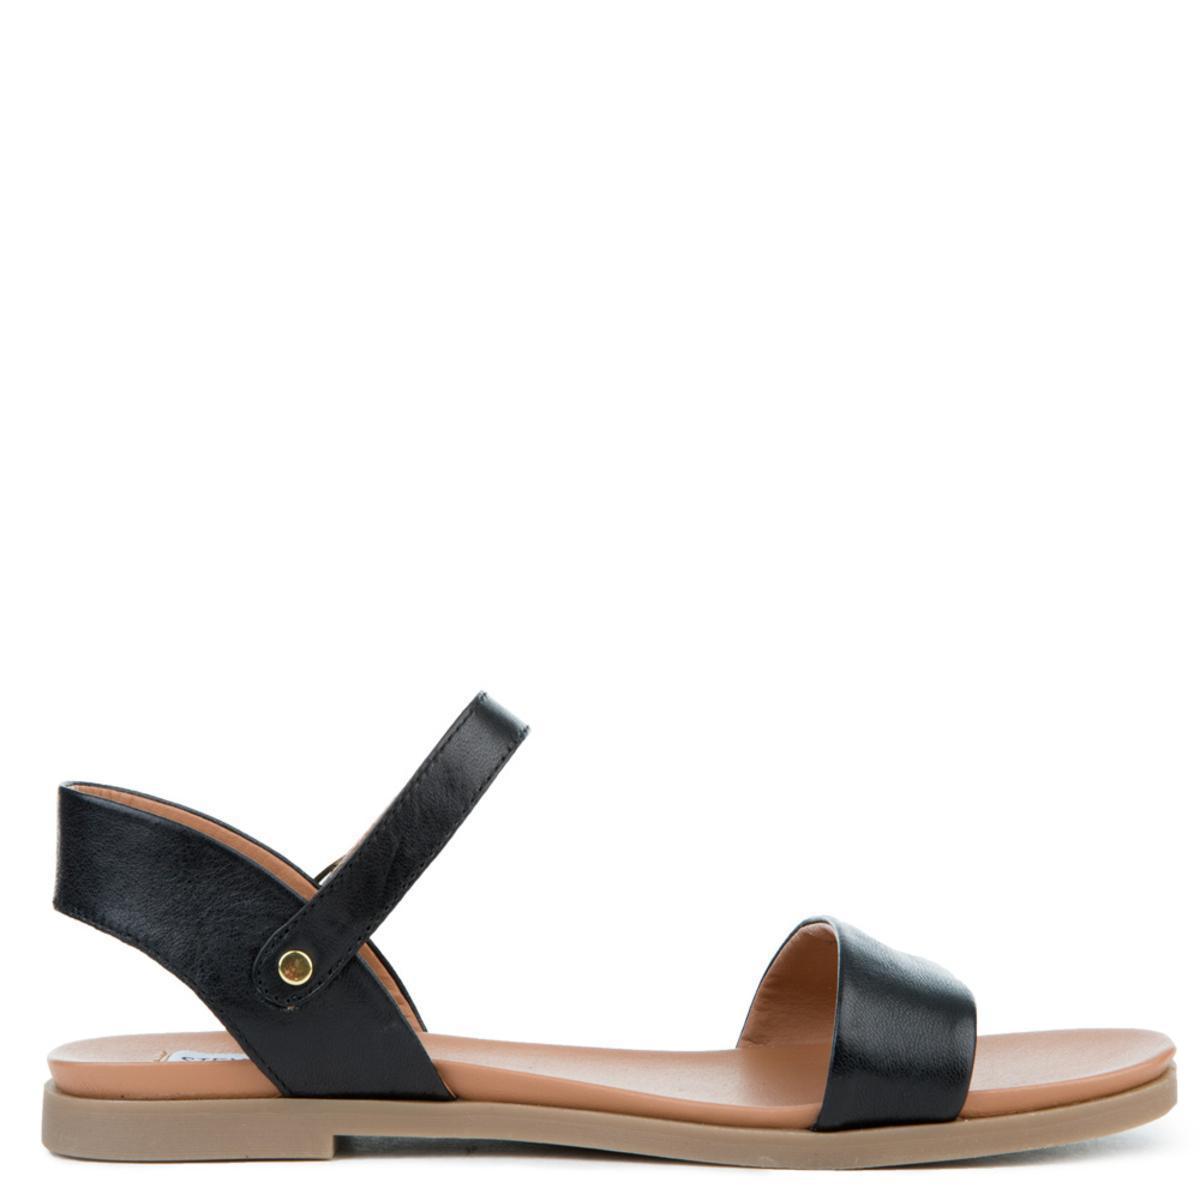 171dd165af2 Women's Dina Black Leather Sandals